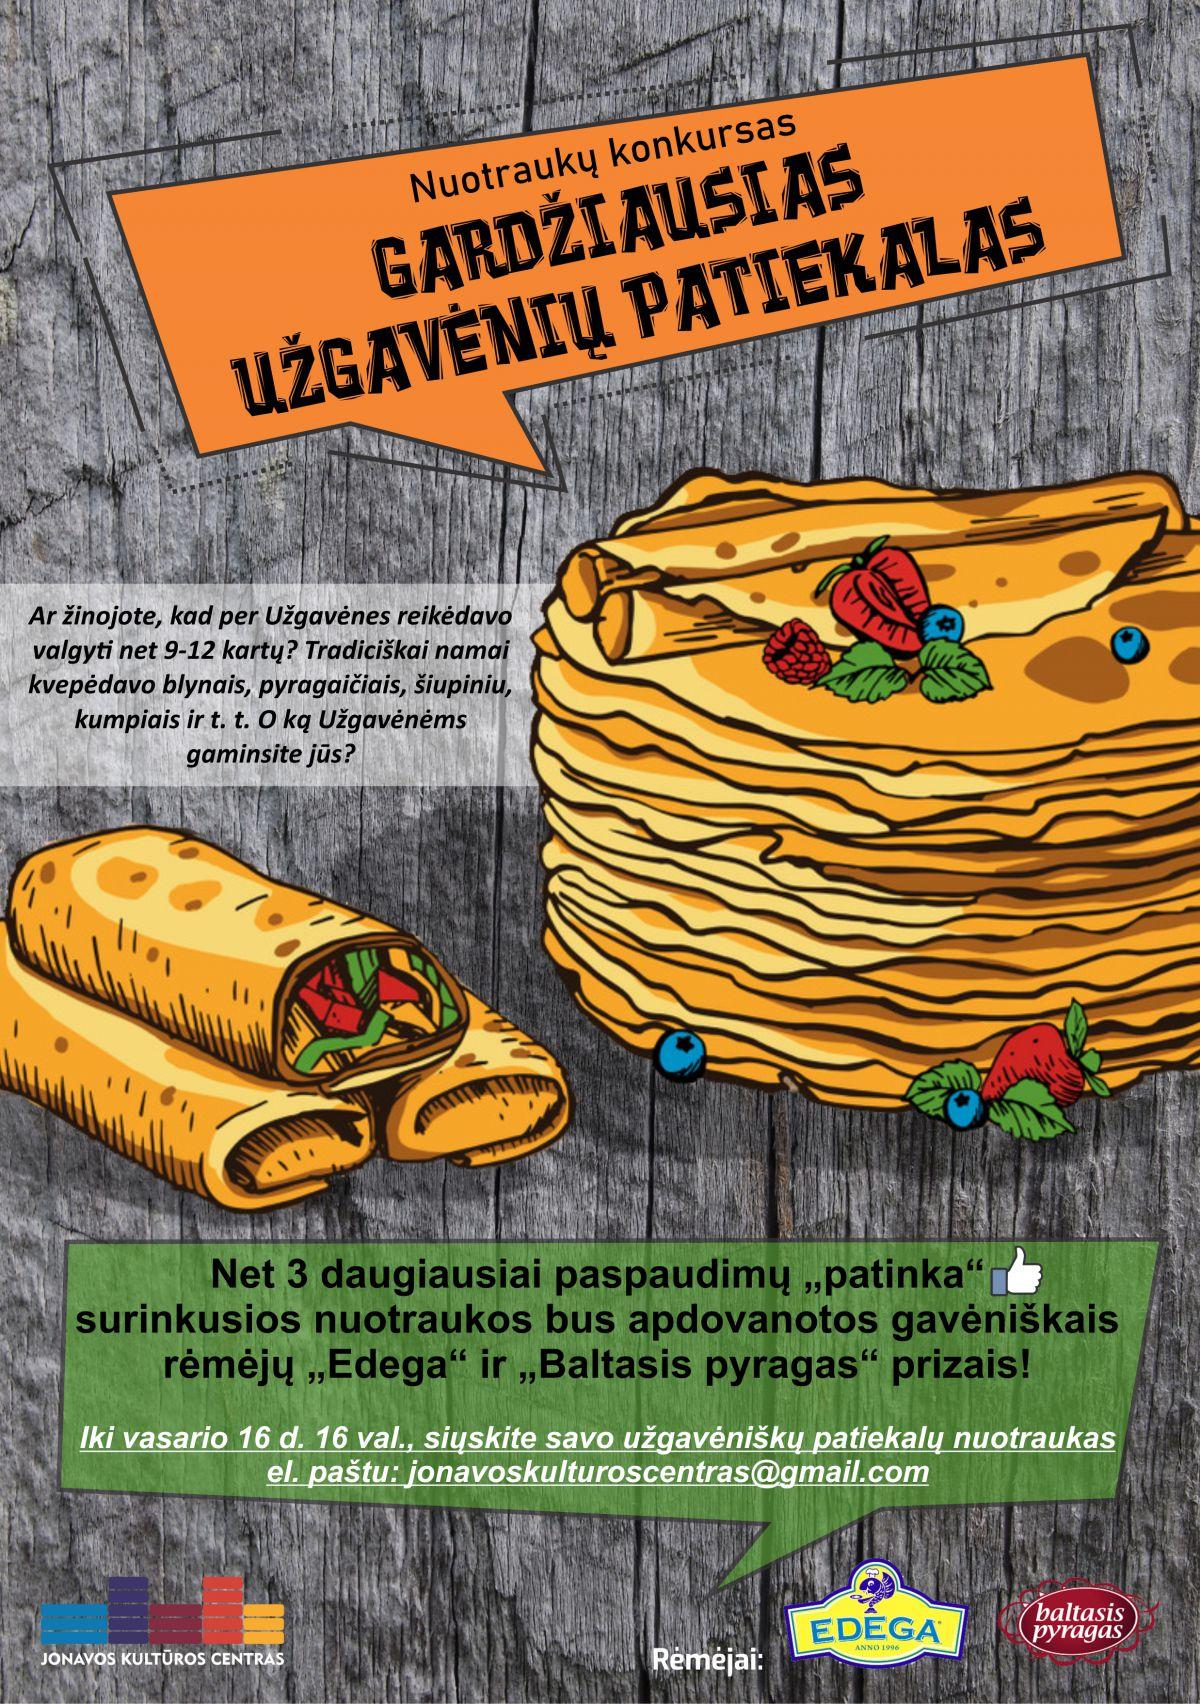 """Nuotraukų konkursas  """"GARDŽIAUSIAS UŽGAVĖNIŲ PATIEKALAS""""!"""